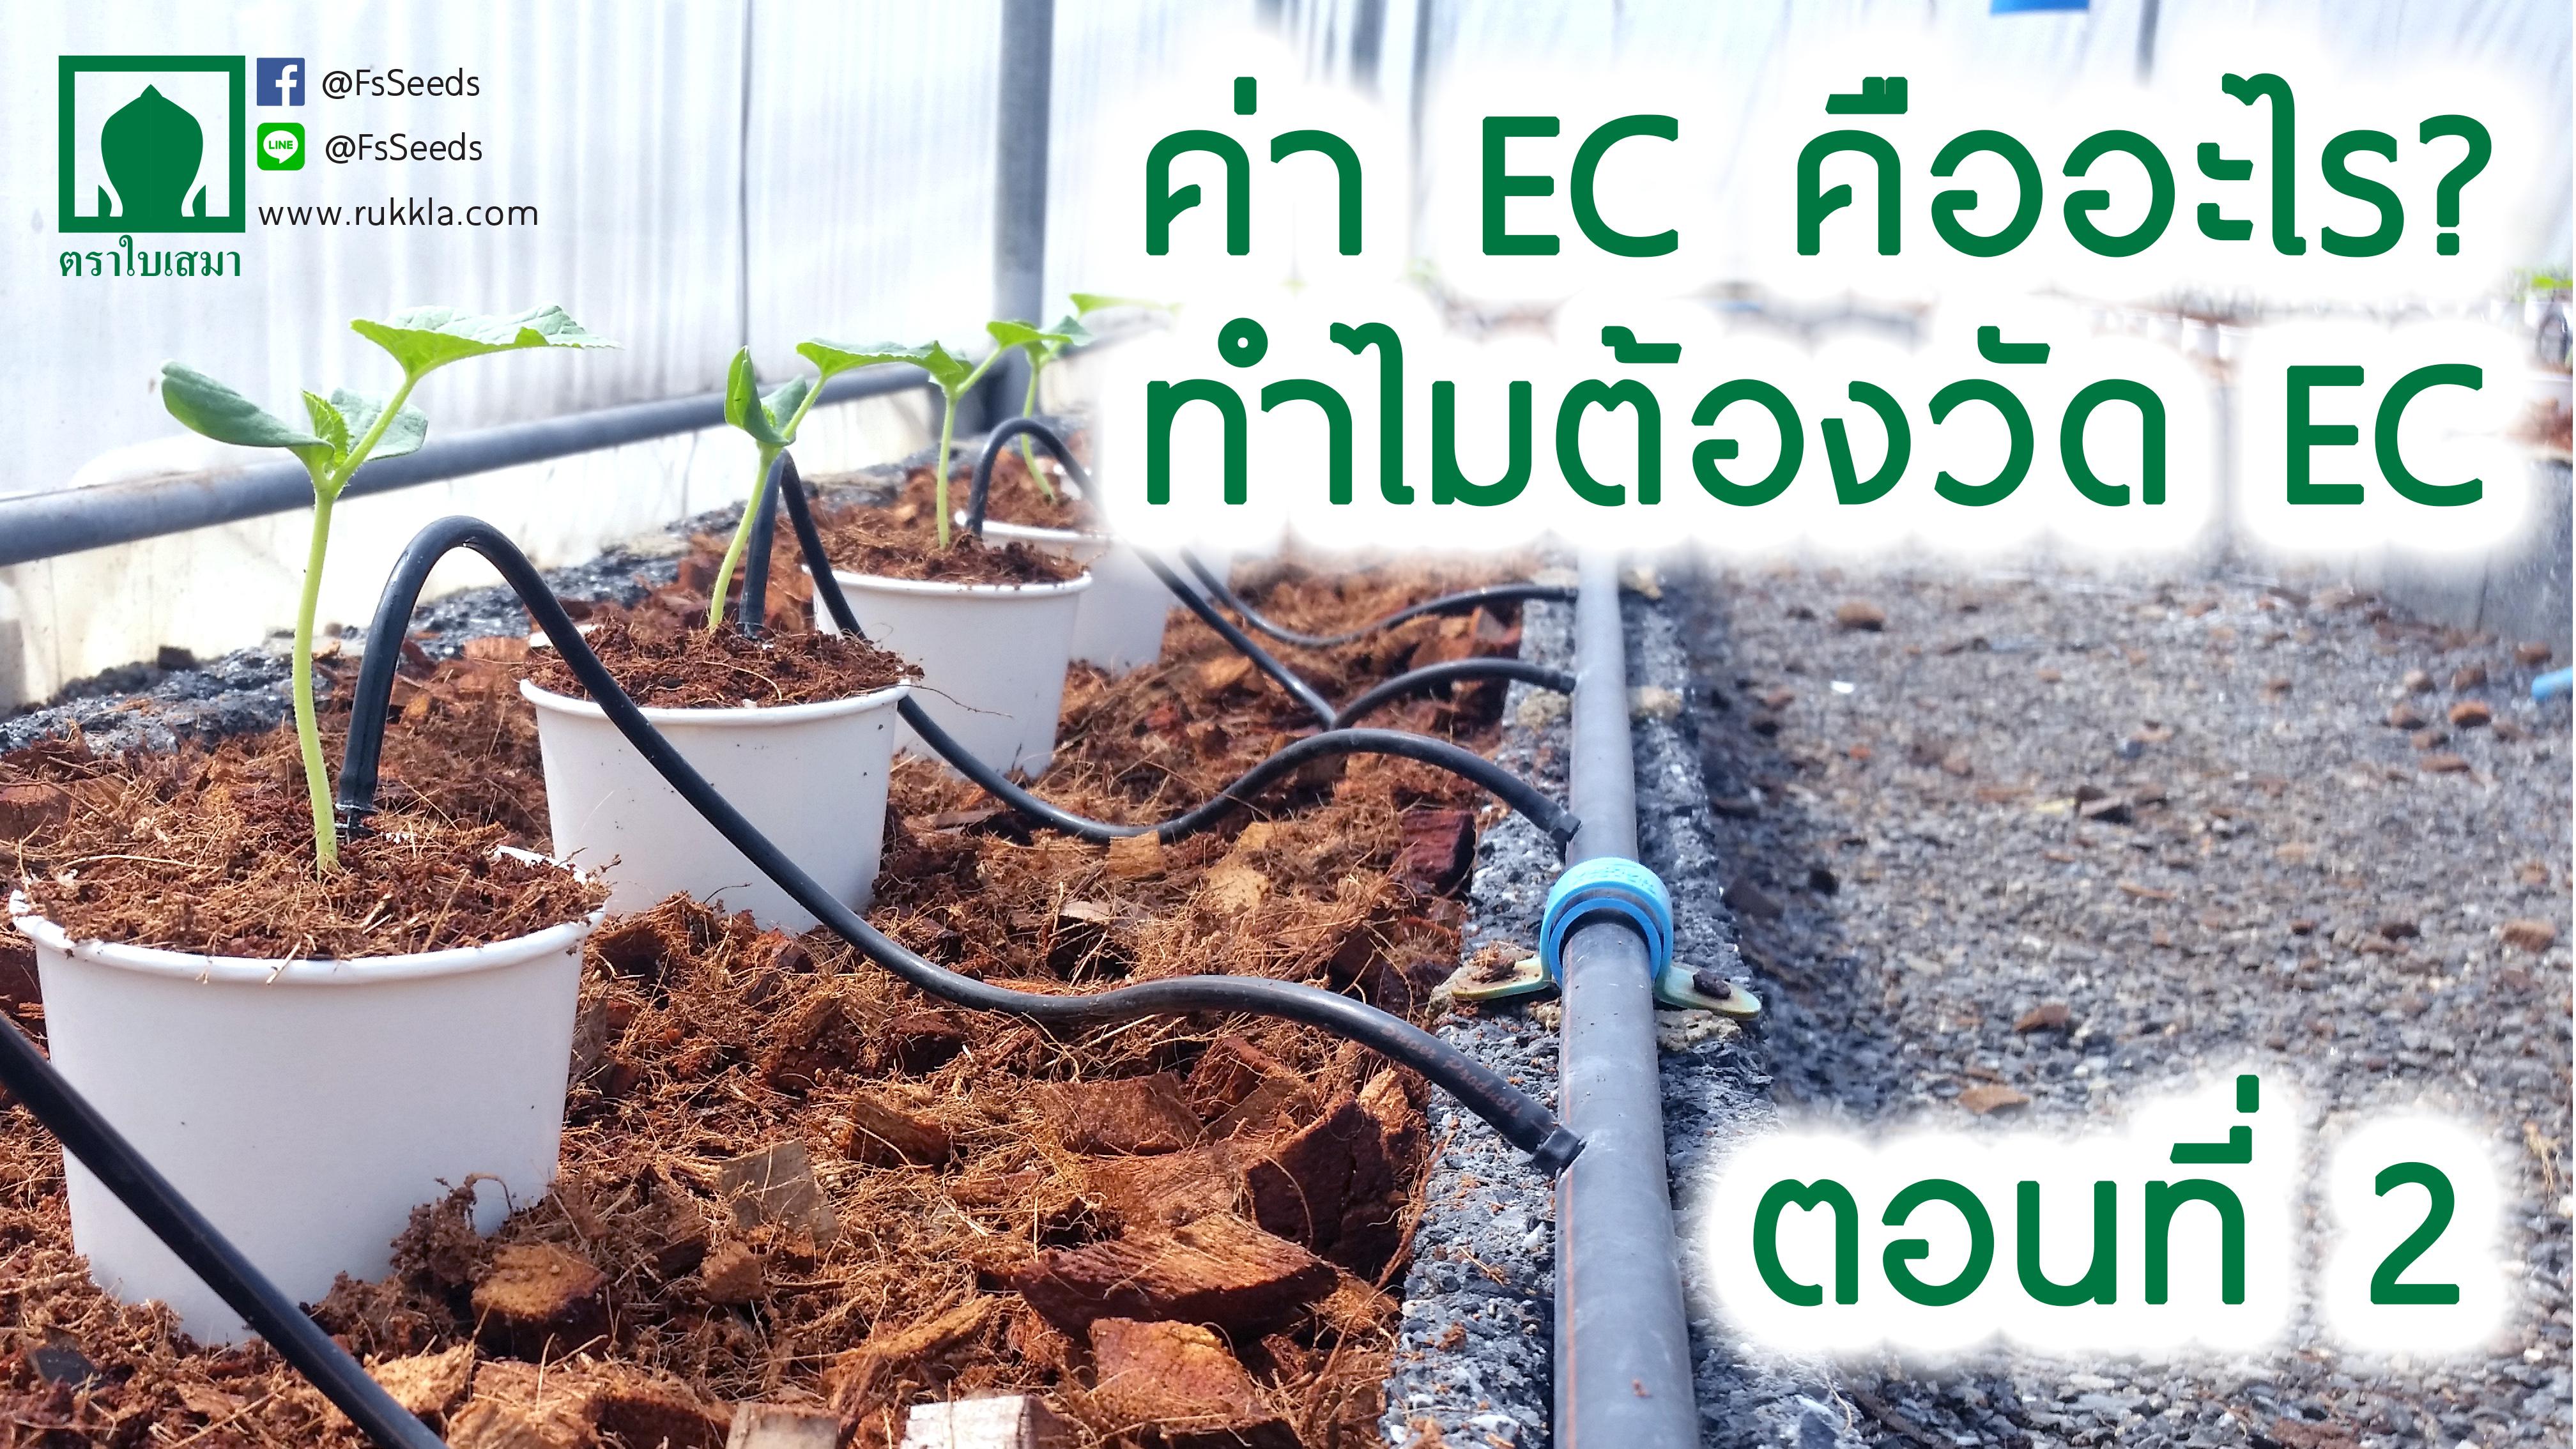 ค่า EC คืออะไร ตอนที่2 (จบ)